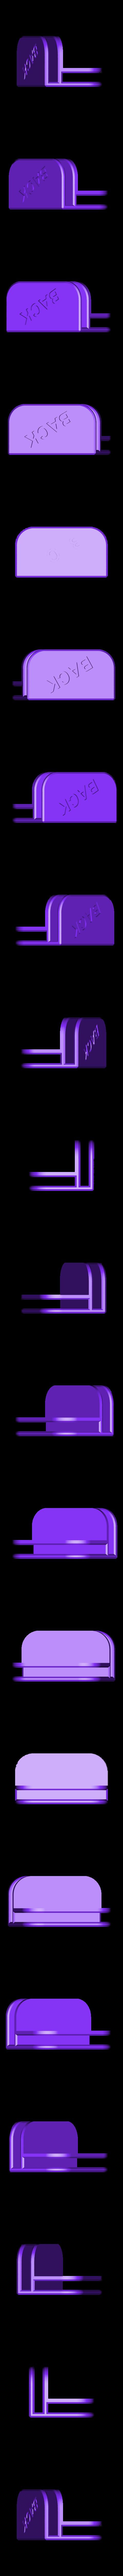 edge_back-left.stl Télécharger fichier STL gratuit Boîtier en plastique ondulé pour imprimantes 3D (pièces jointes) • Modèle pour imprimante 3D, CyberCyclist